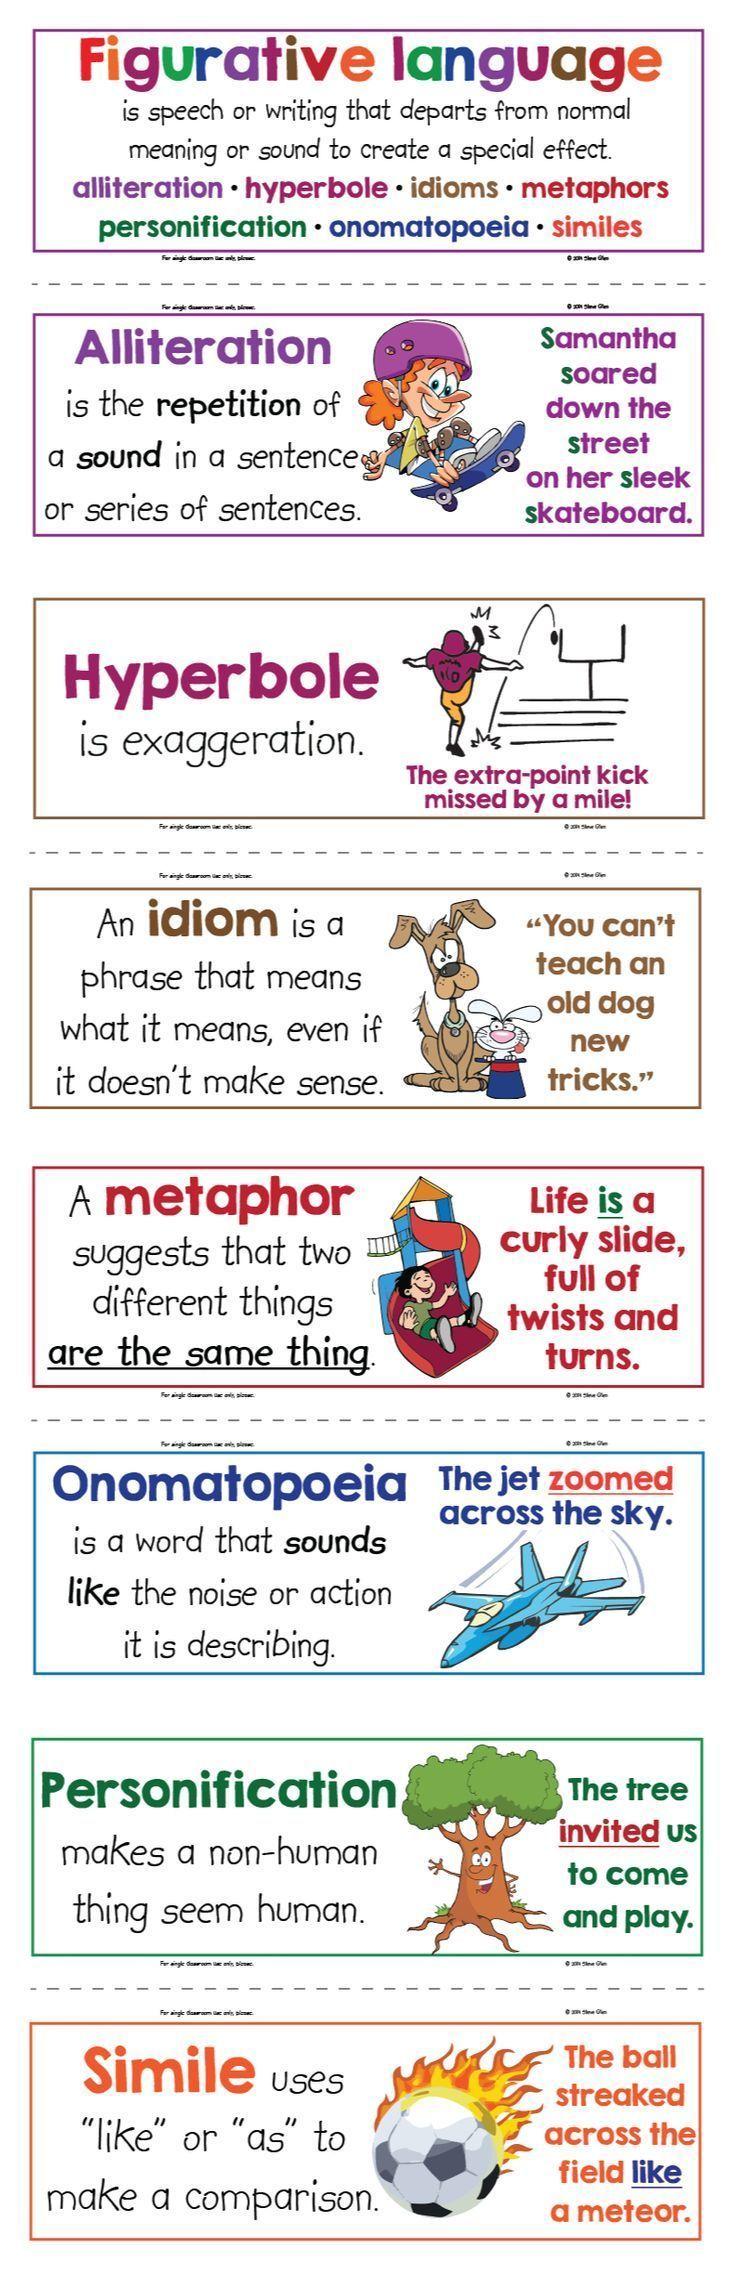 Powers Of 10 Math Face Off 5nbt2 Pinterest Alliteration